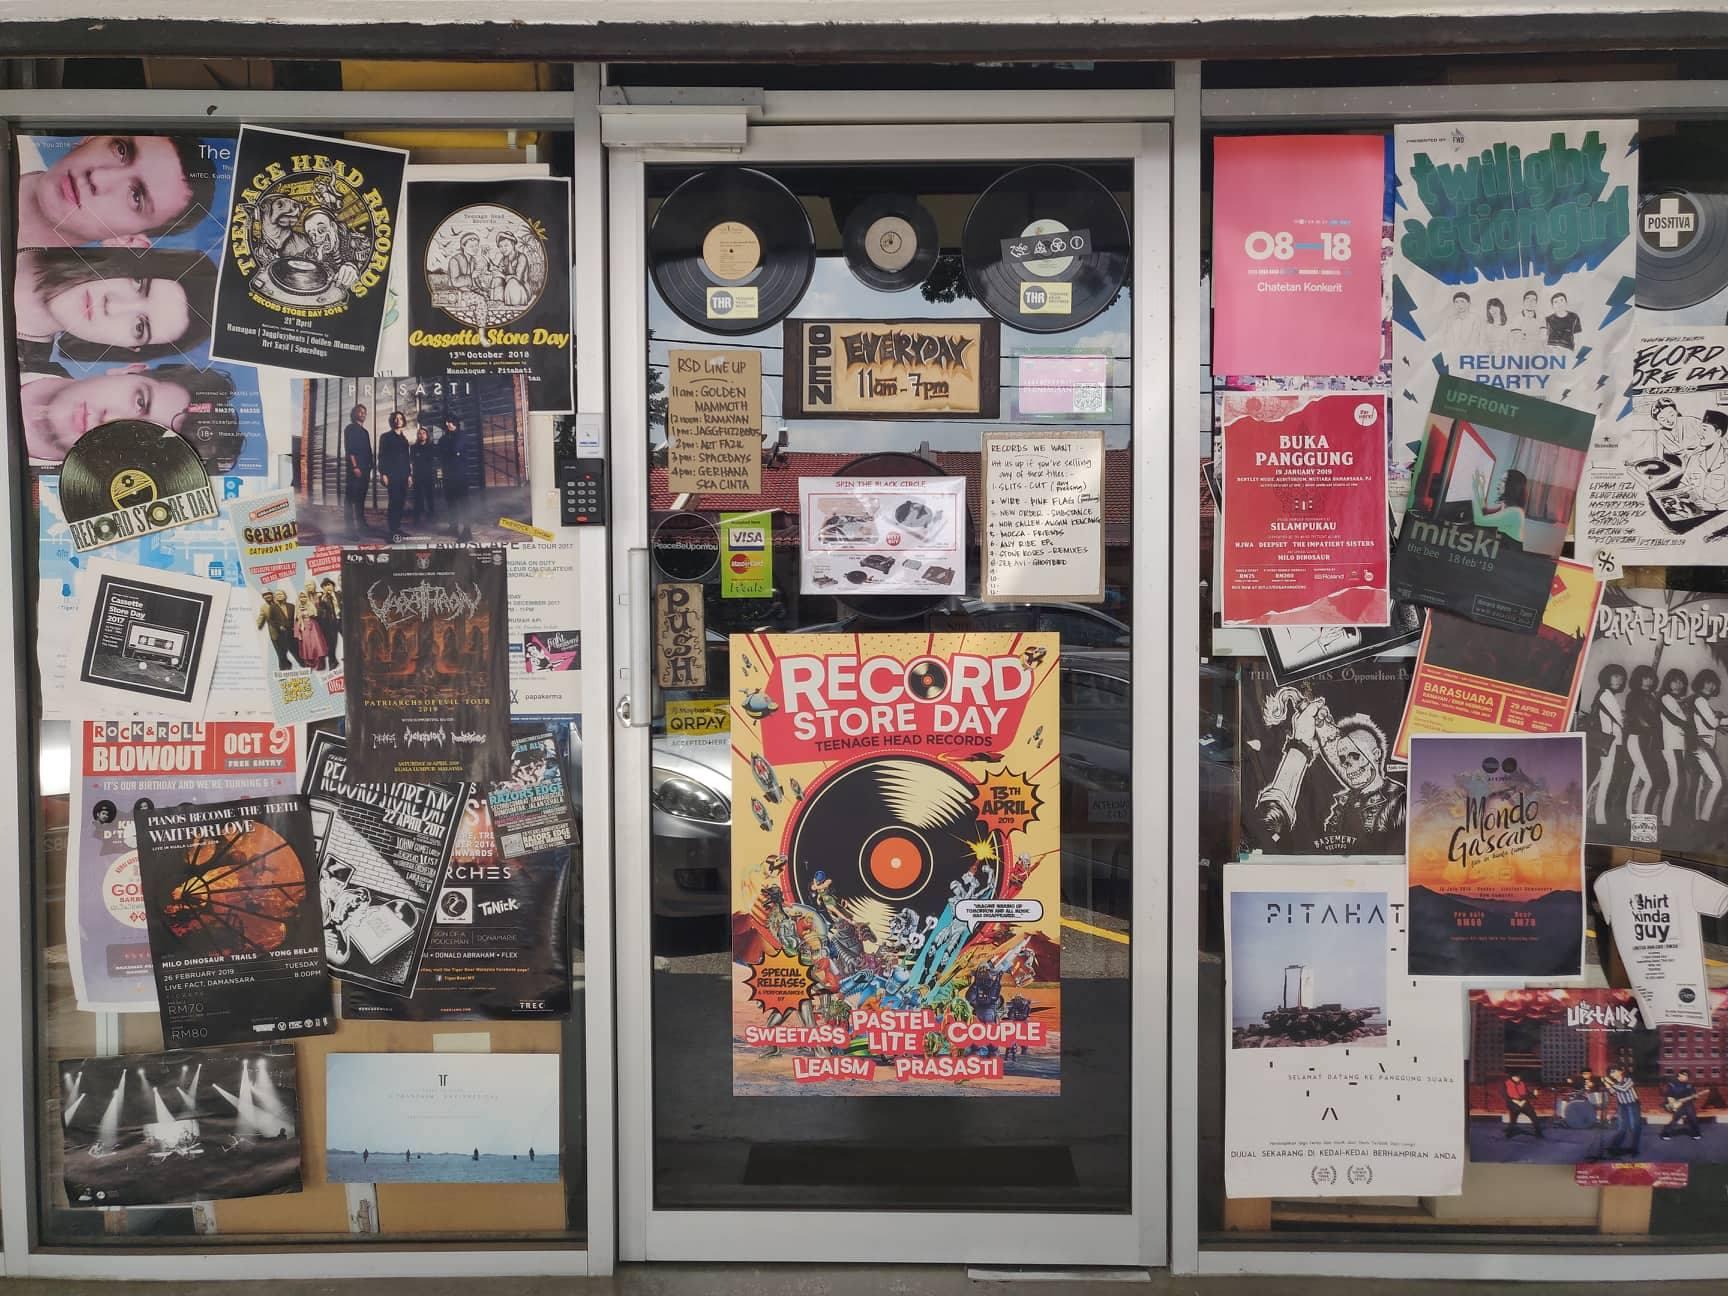 5 Record Store 'Keras' Sekitar Lembah Klang